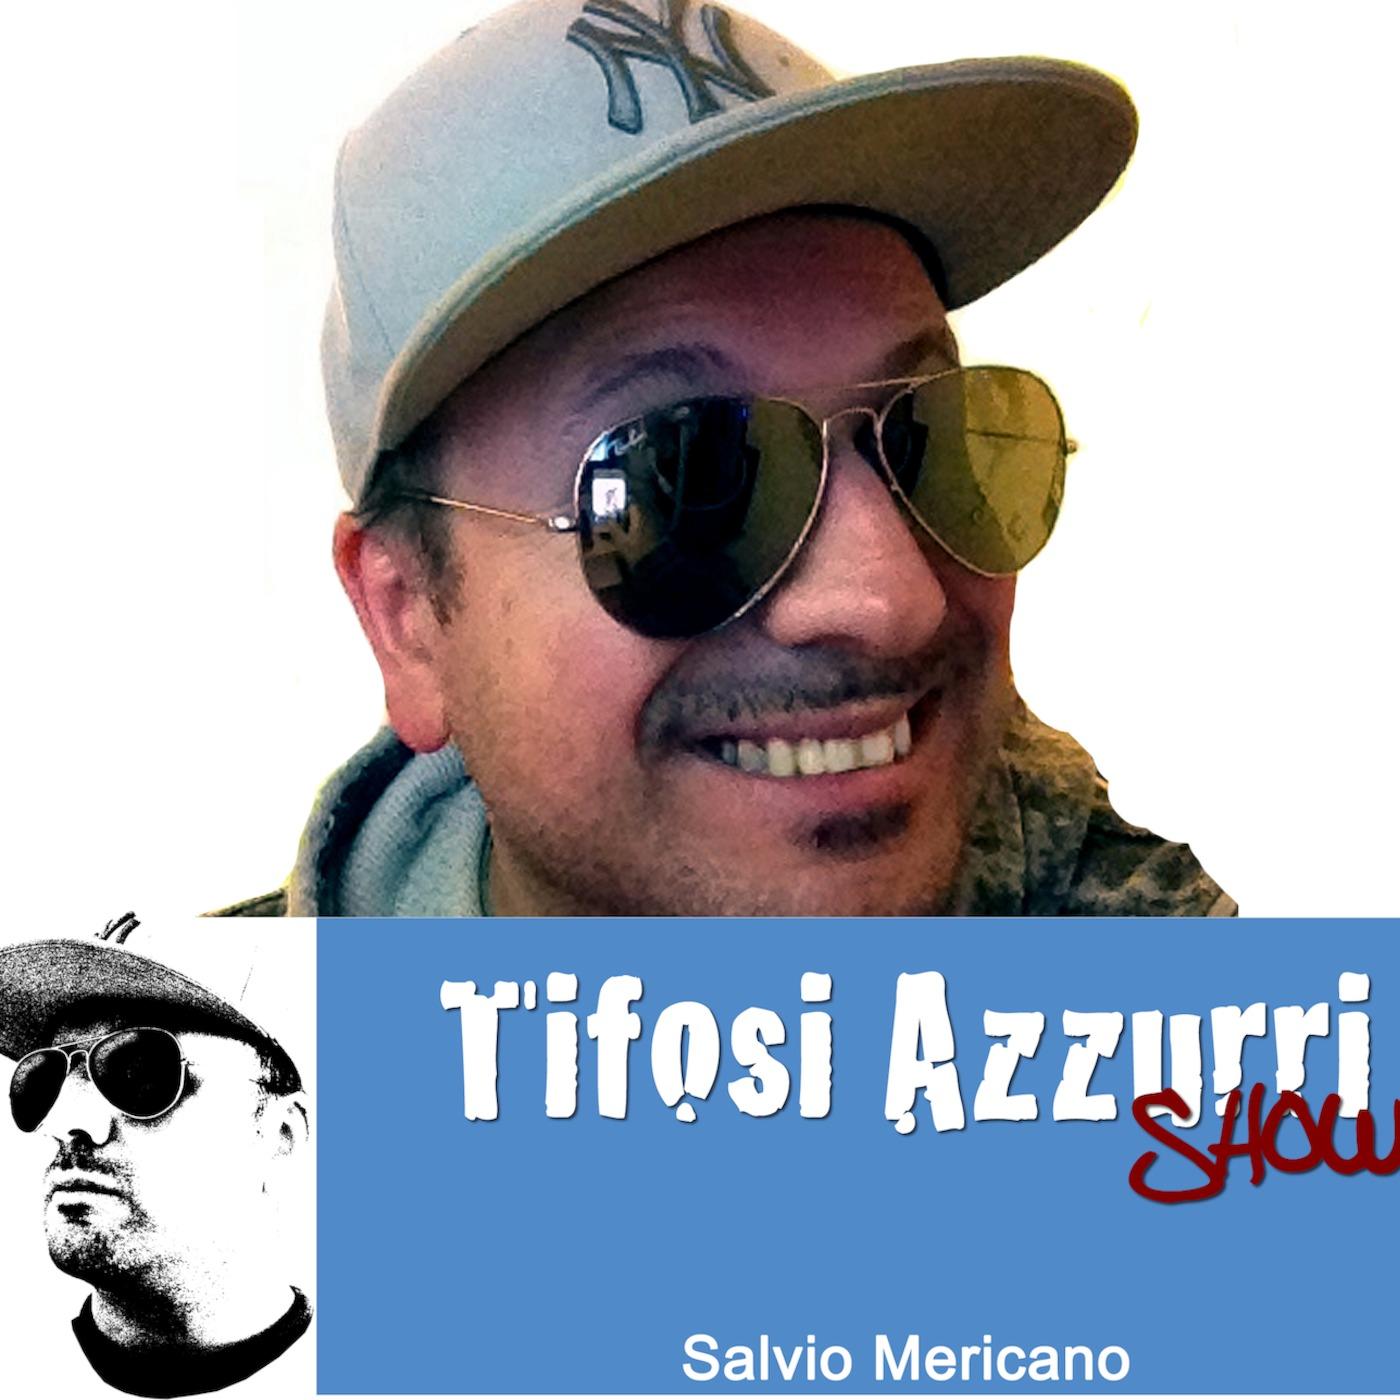 Tifosi Azzurri Show